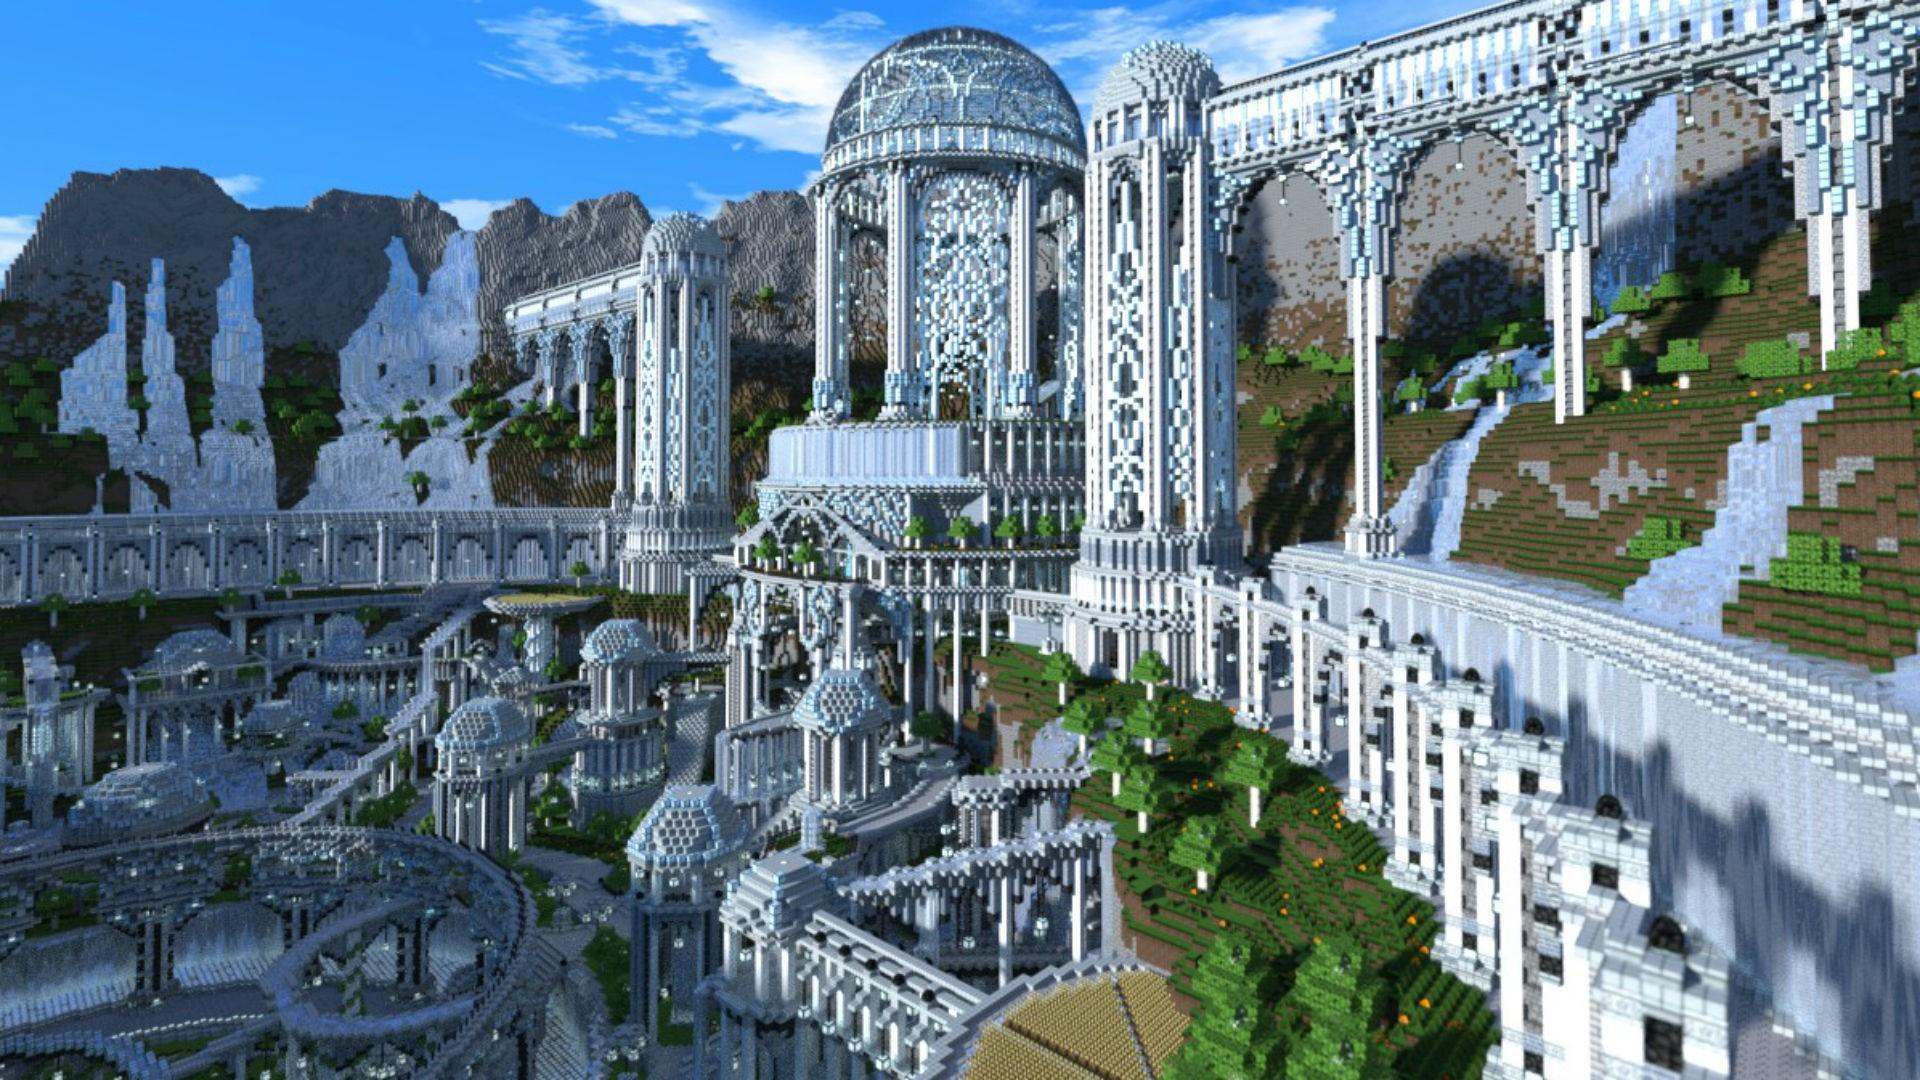 وقت غسل تعمید پیکسلهاست: سرور واتیکان Minecraft تأسیس خواهد شد!